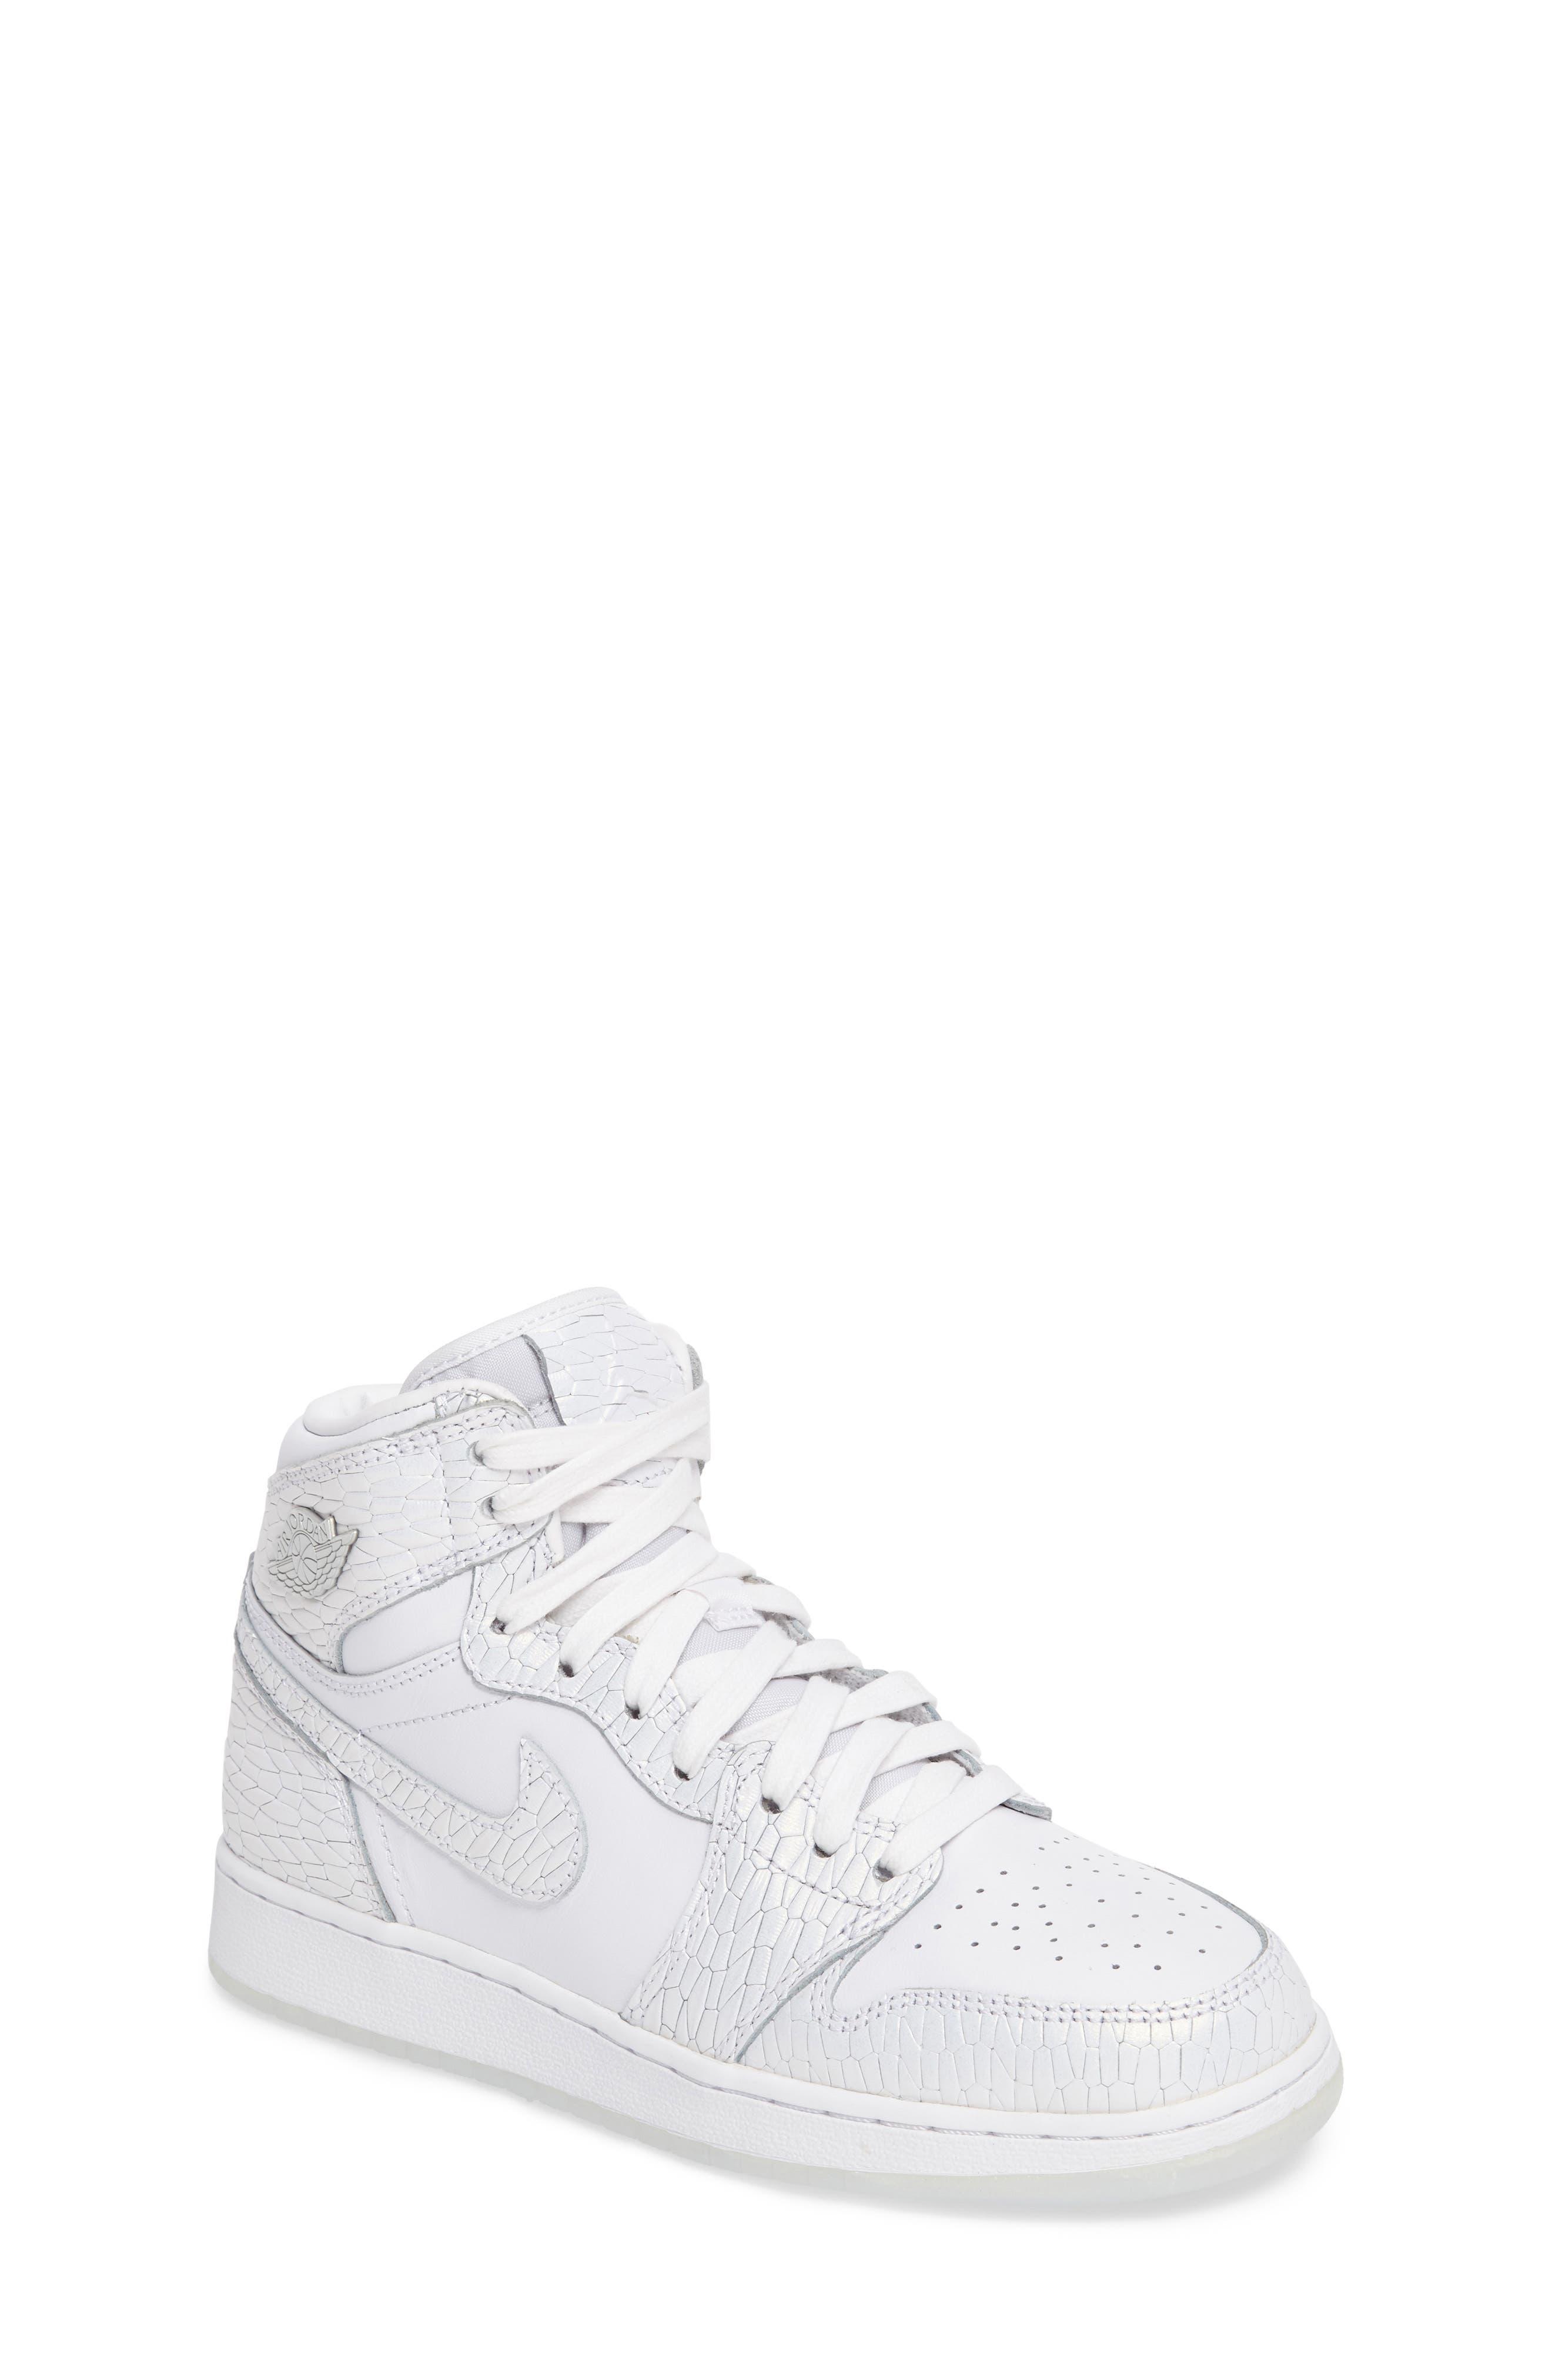 Nike 'Air Jordan 1 Retro' High Top Sneaker (Big Kid)